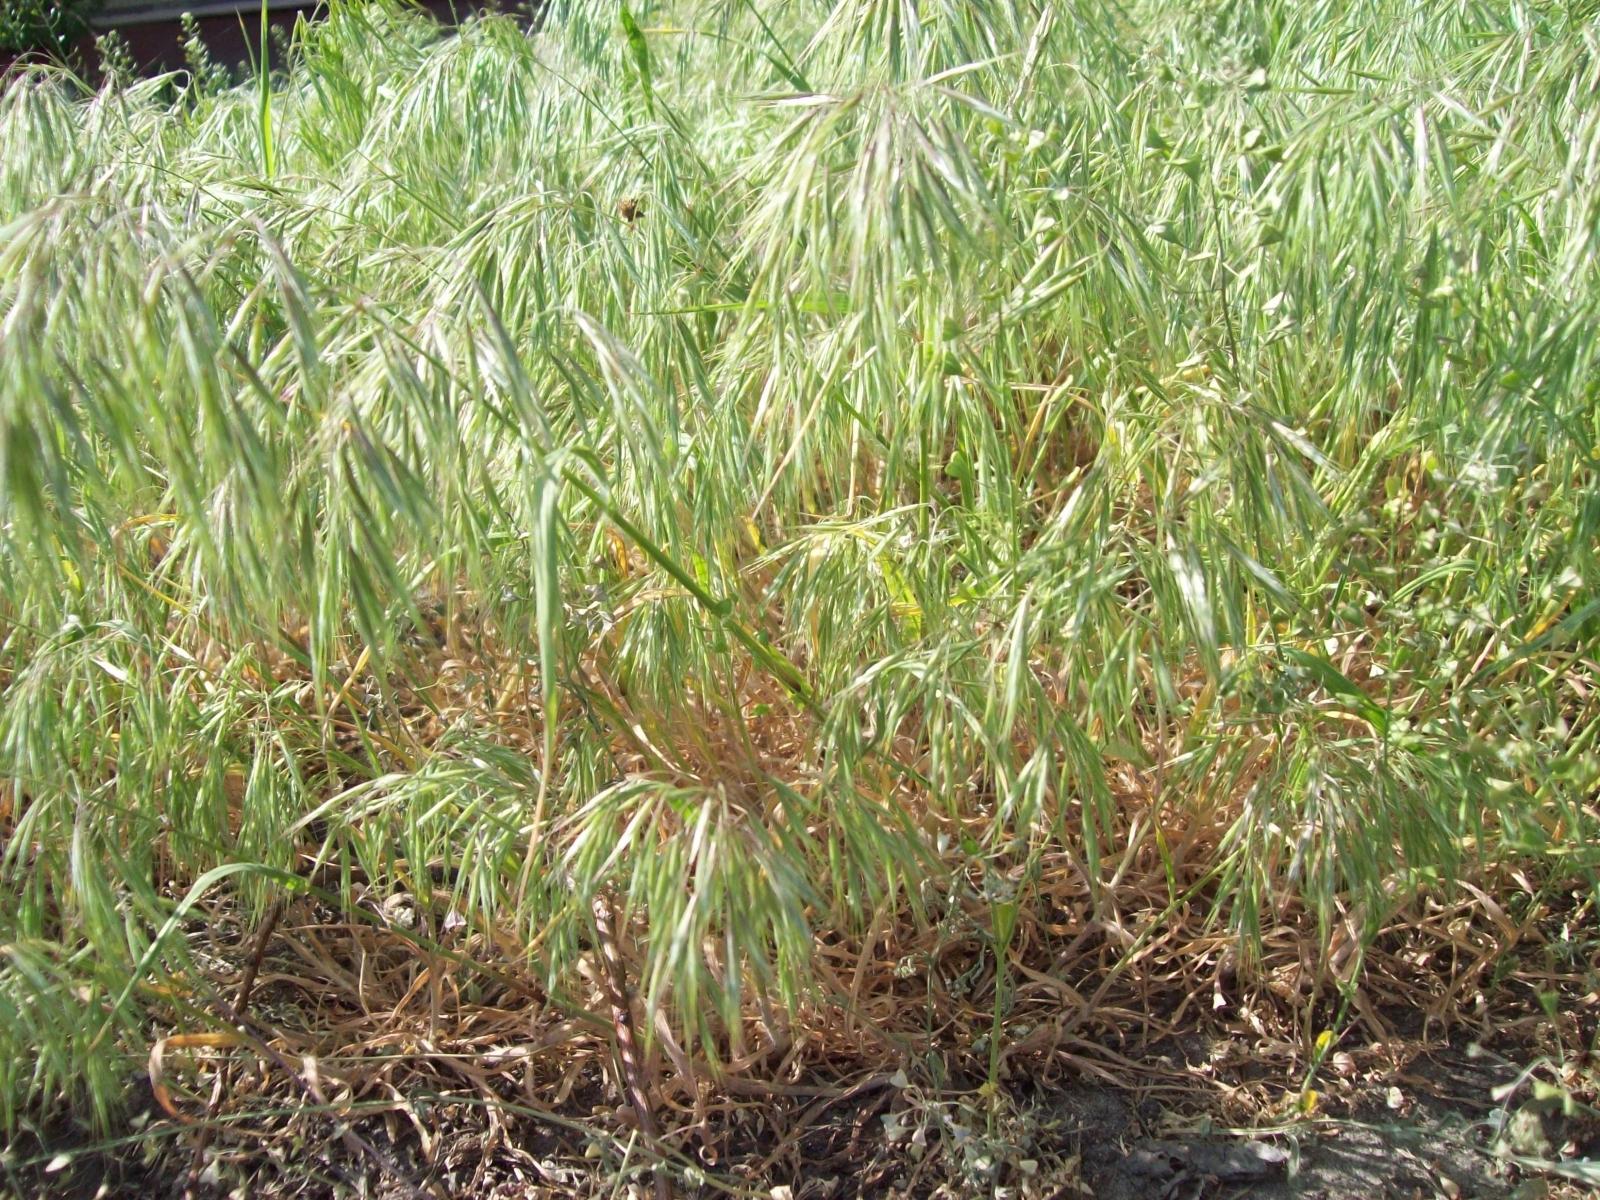 Скачать картинку Трава, Растения в телефон бесплатно.